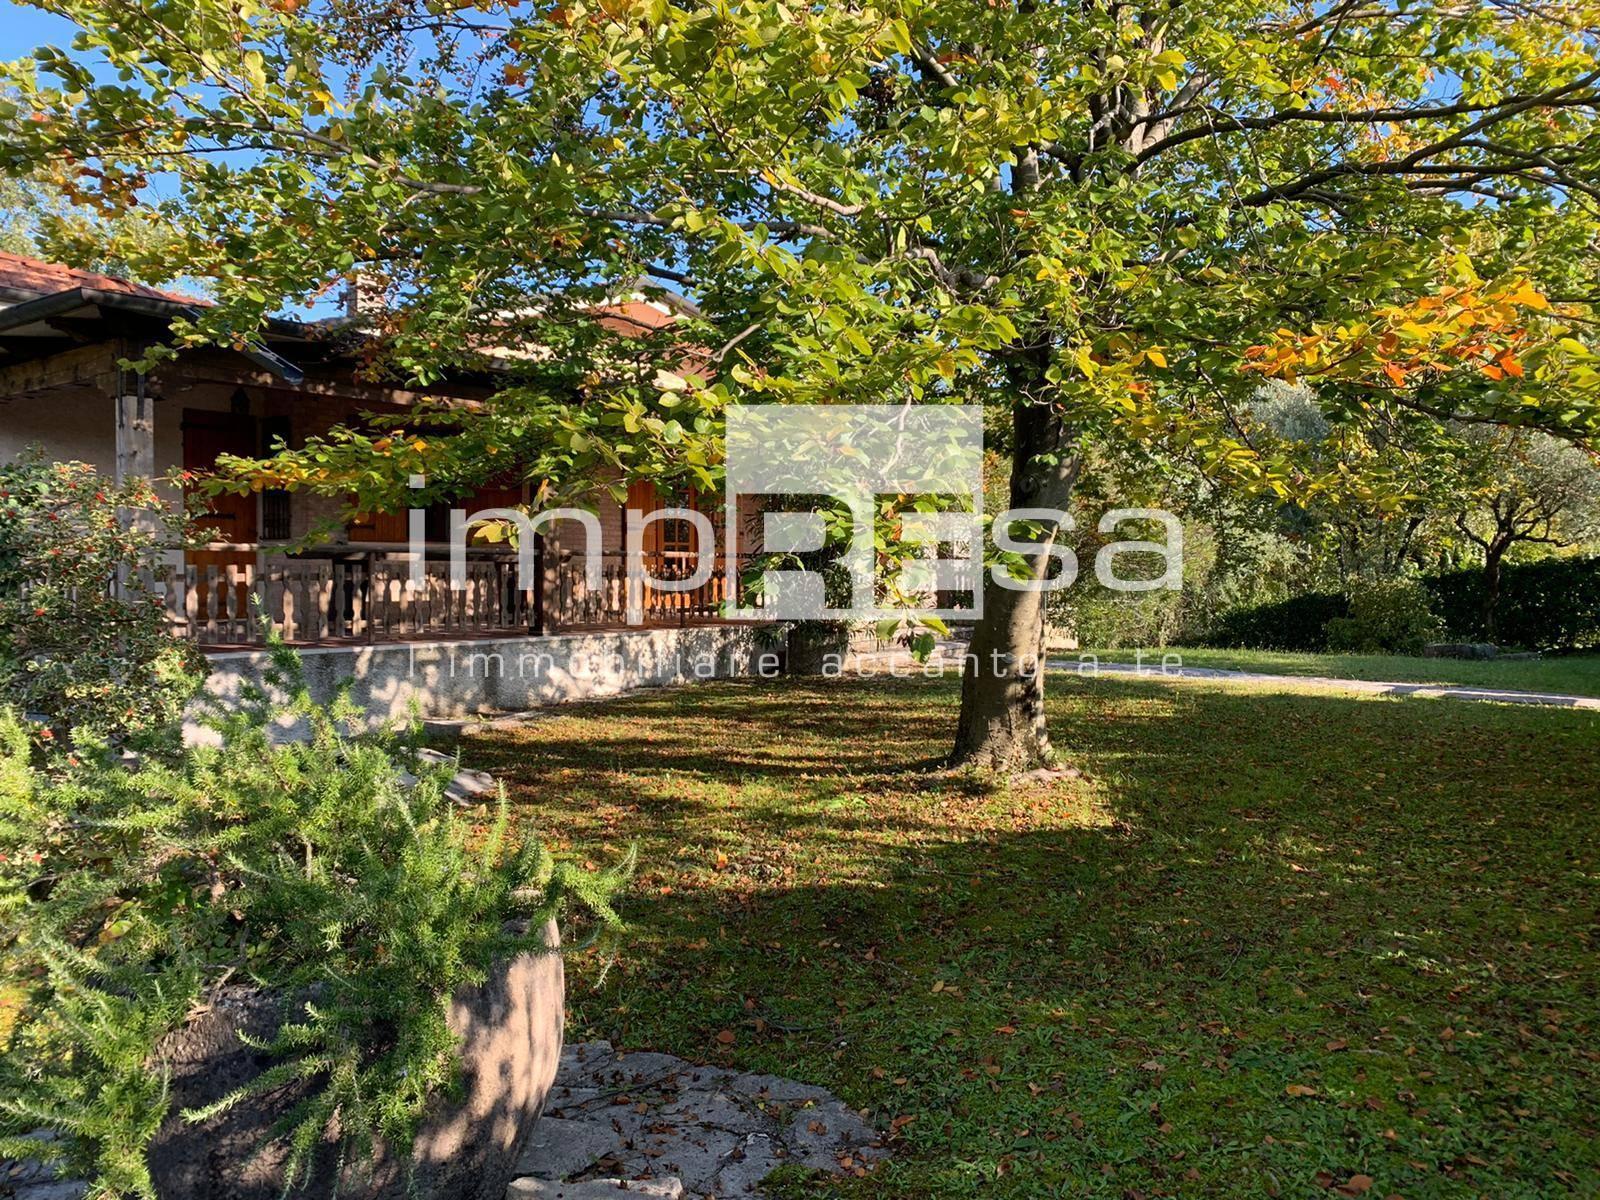 Appartamento in vendita a Susegana, 8 locali, prezzo € 310.000 | PortaleAgenzieImmobiliari.it